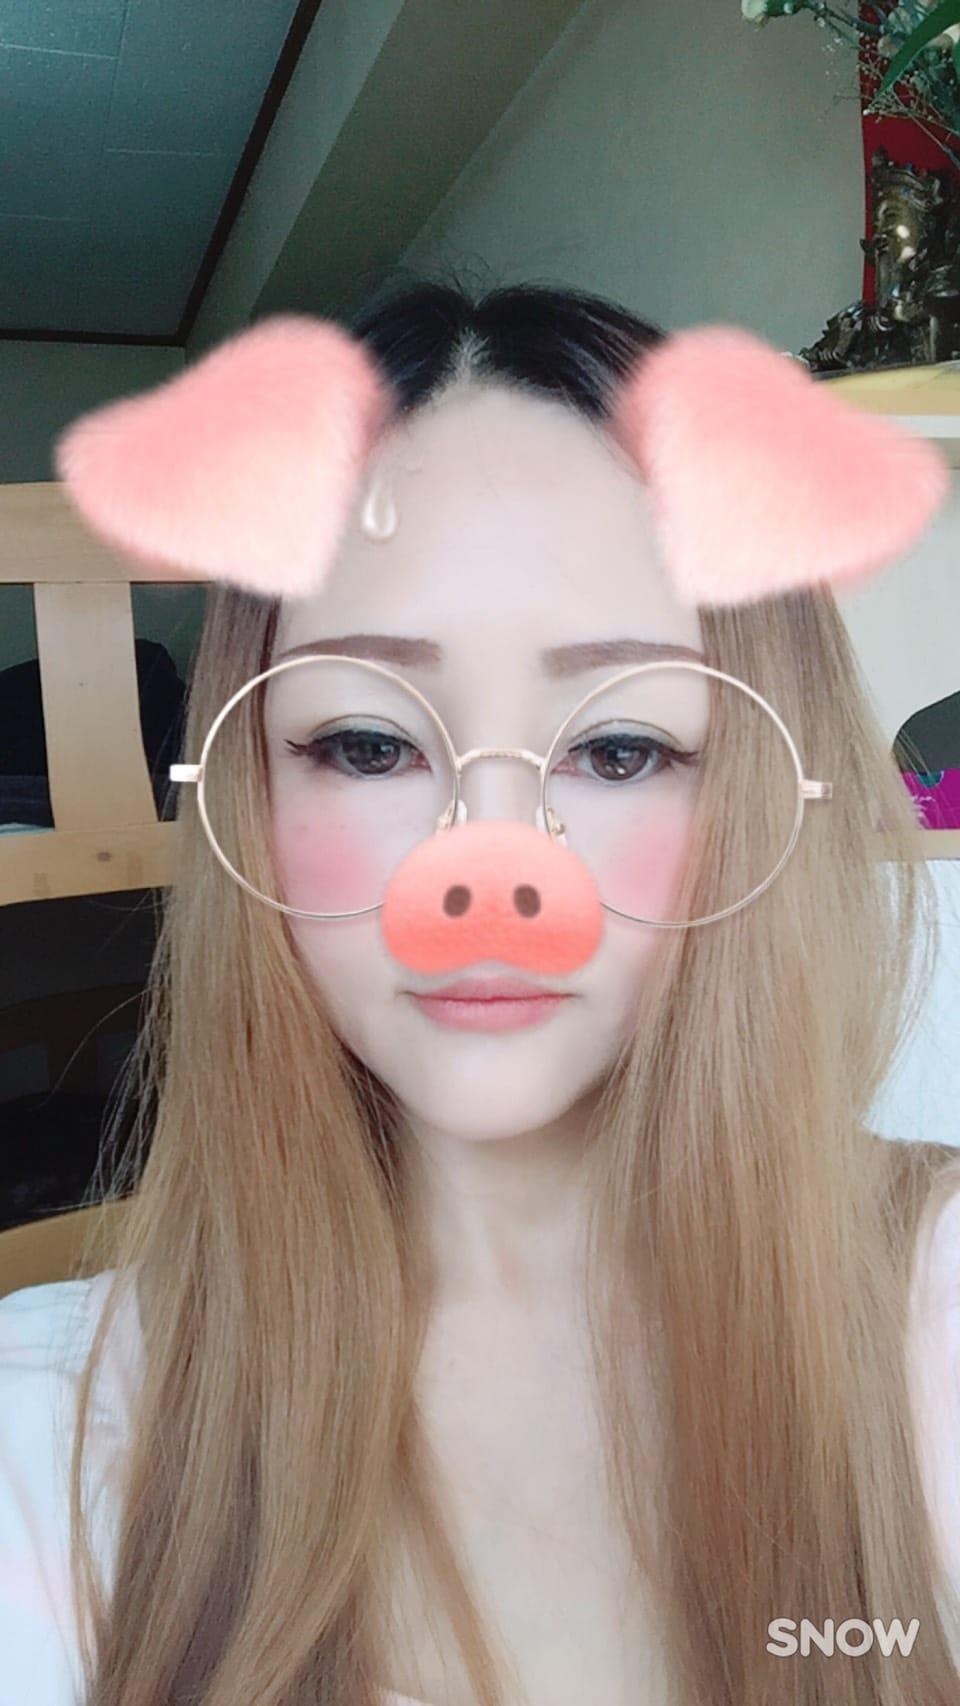 「こんにちは♪」05/19(05/19) 11:27 | ユイの写メ・風俗動画